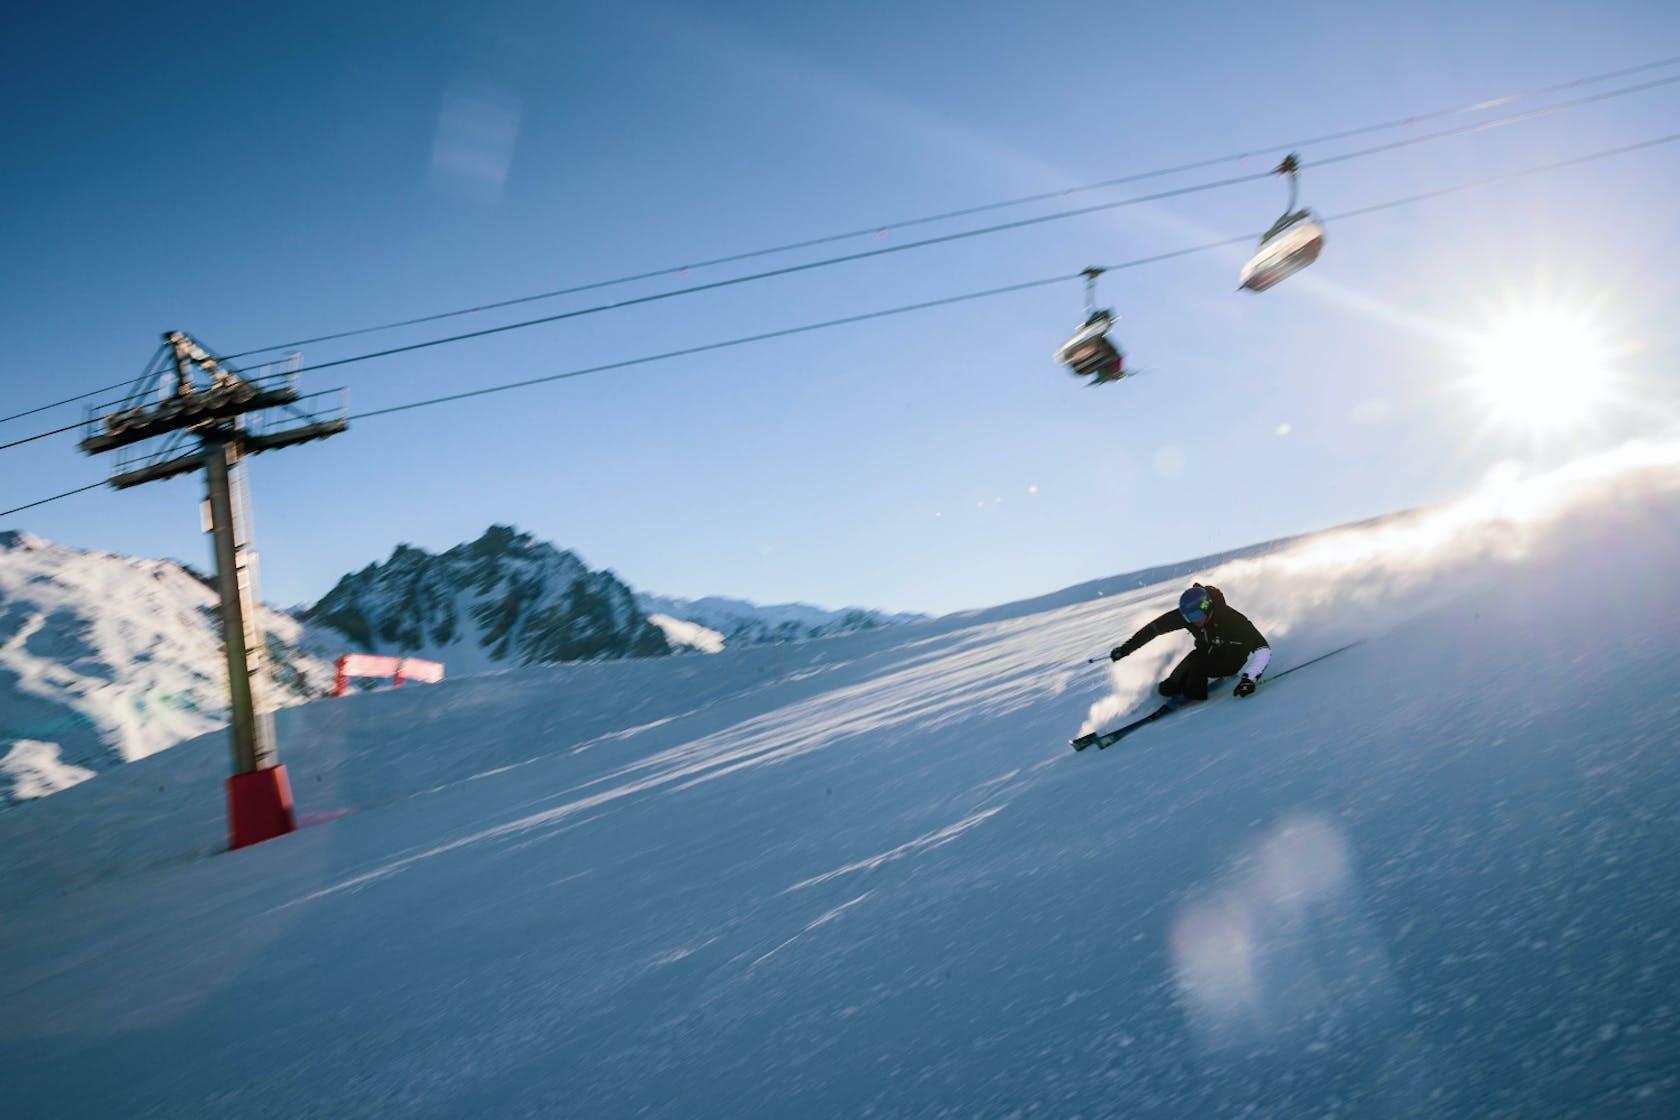 Salomon Ski Race